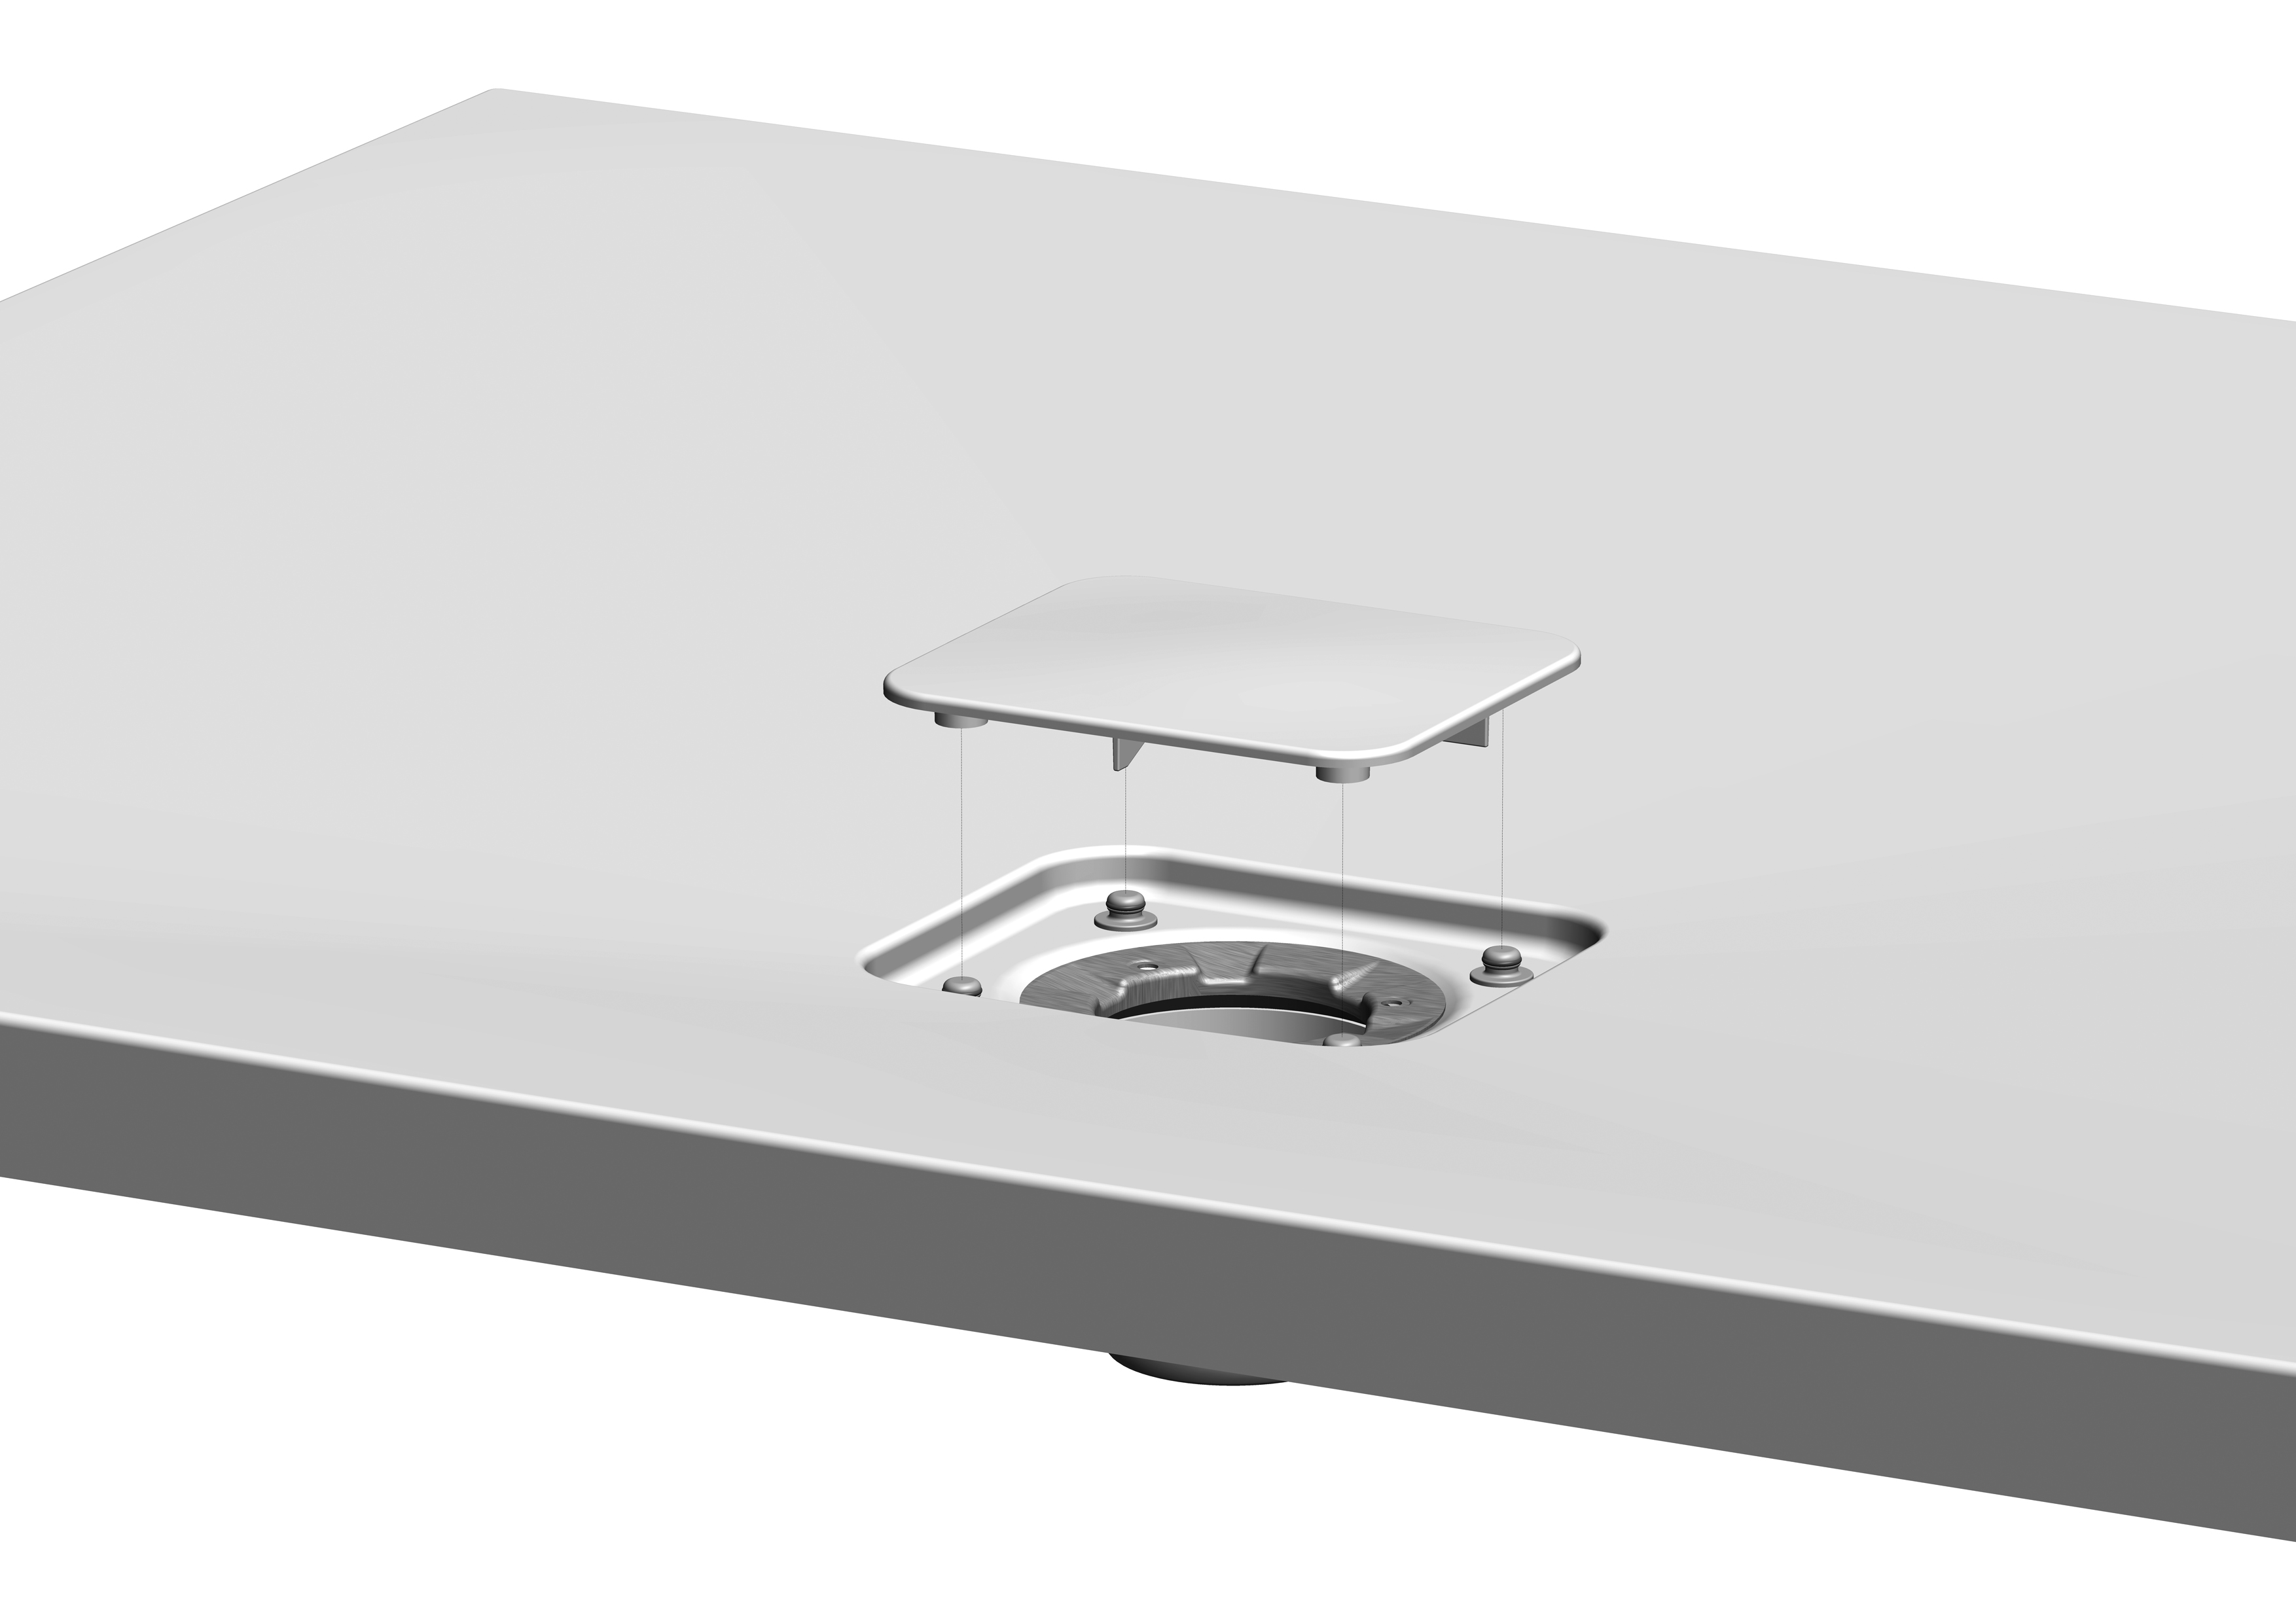 inloopdouches met decorstrook van matglas leverbaar in 8